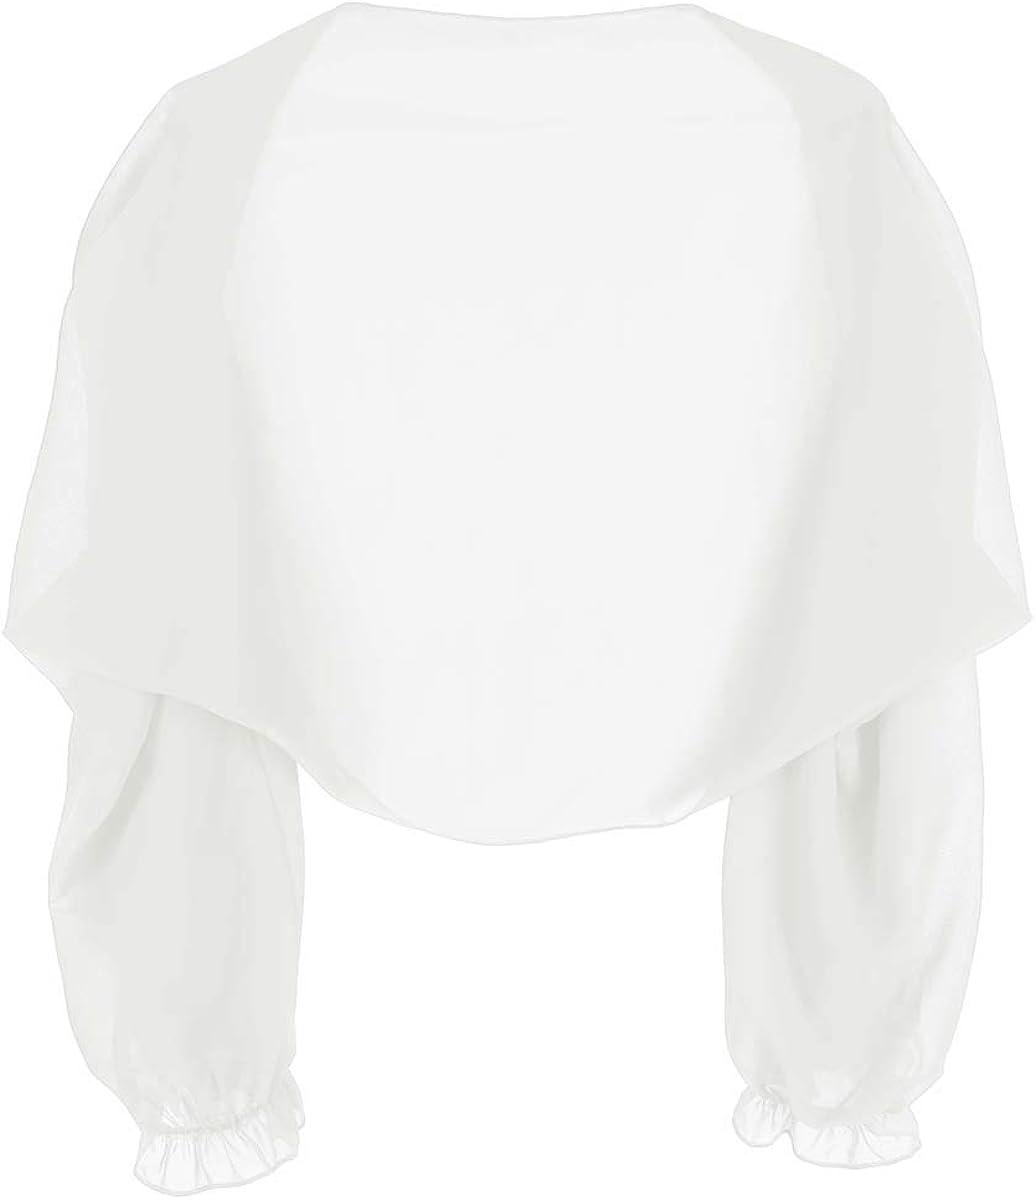 Agoky Chal Estola de Gasa para Fiesta Mujer Capa Manga Larga con Volantes Bolero de Boda Ceremonia C/árdigan Camisa de Playa Protecci/ón Solar